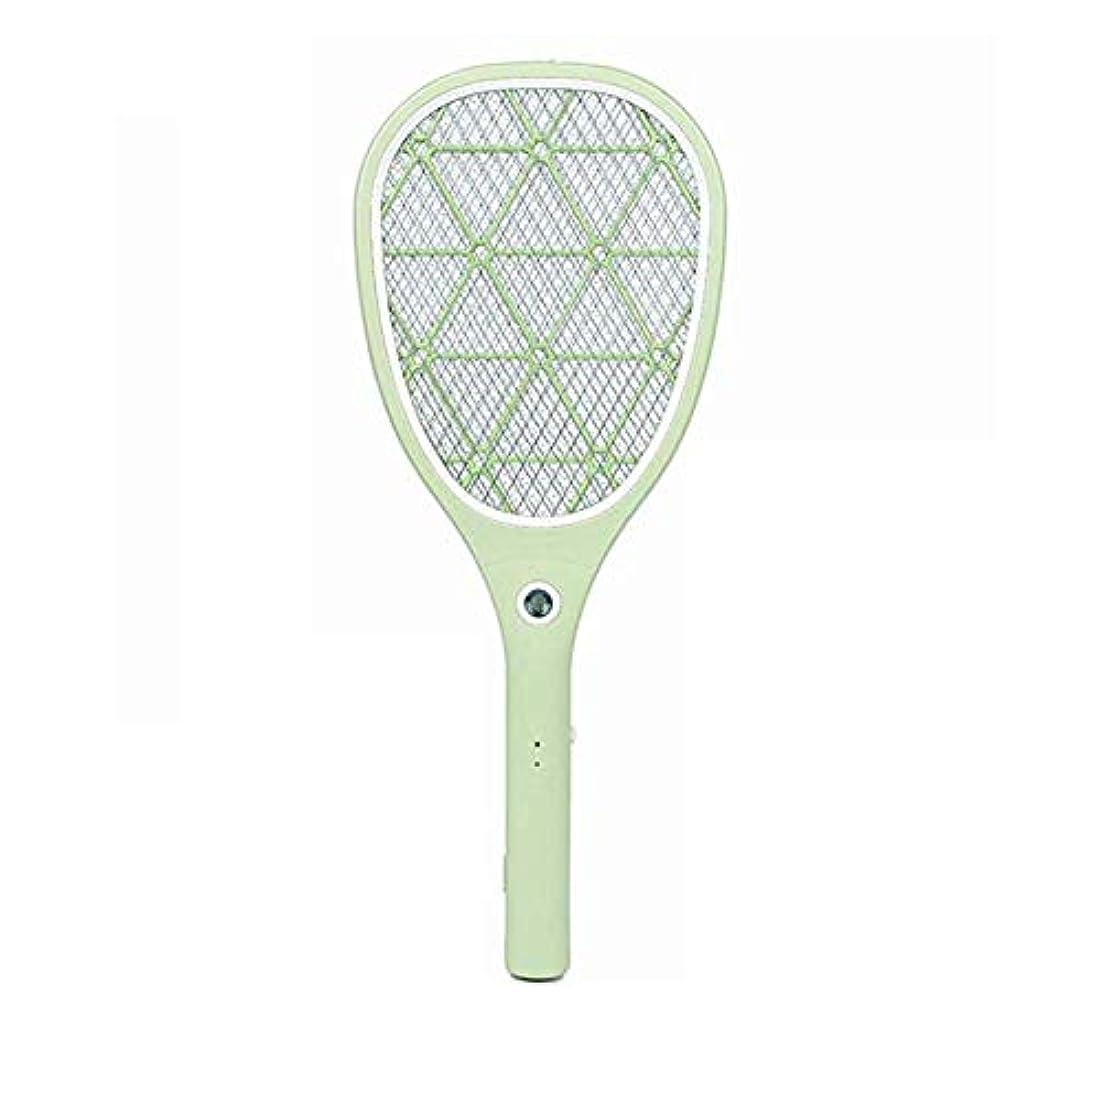 クスクスカスケード均等に電気蚊のたたき、 - 高電圧 - USB充電、超高輝度LEDライト - タッチセーフ